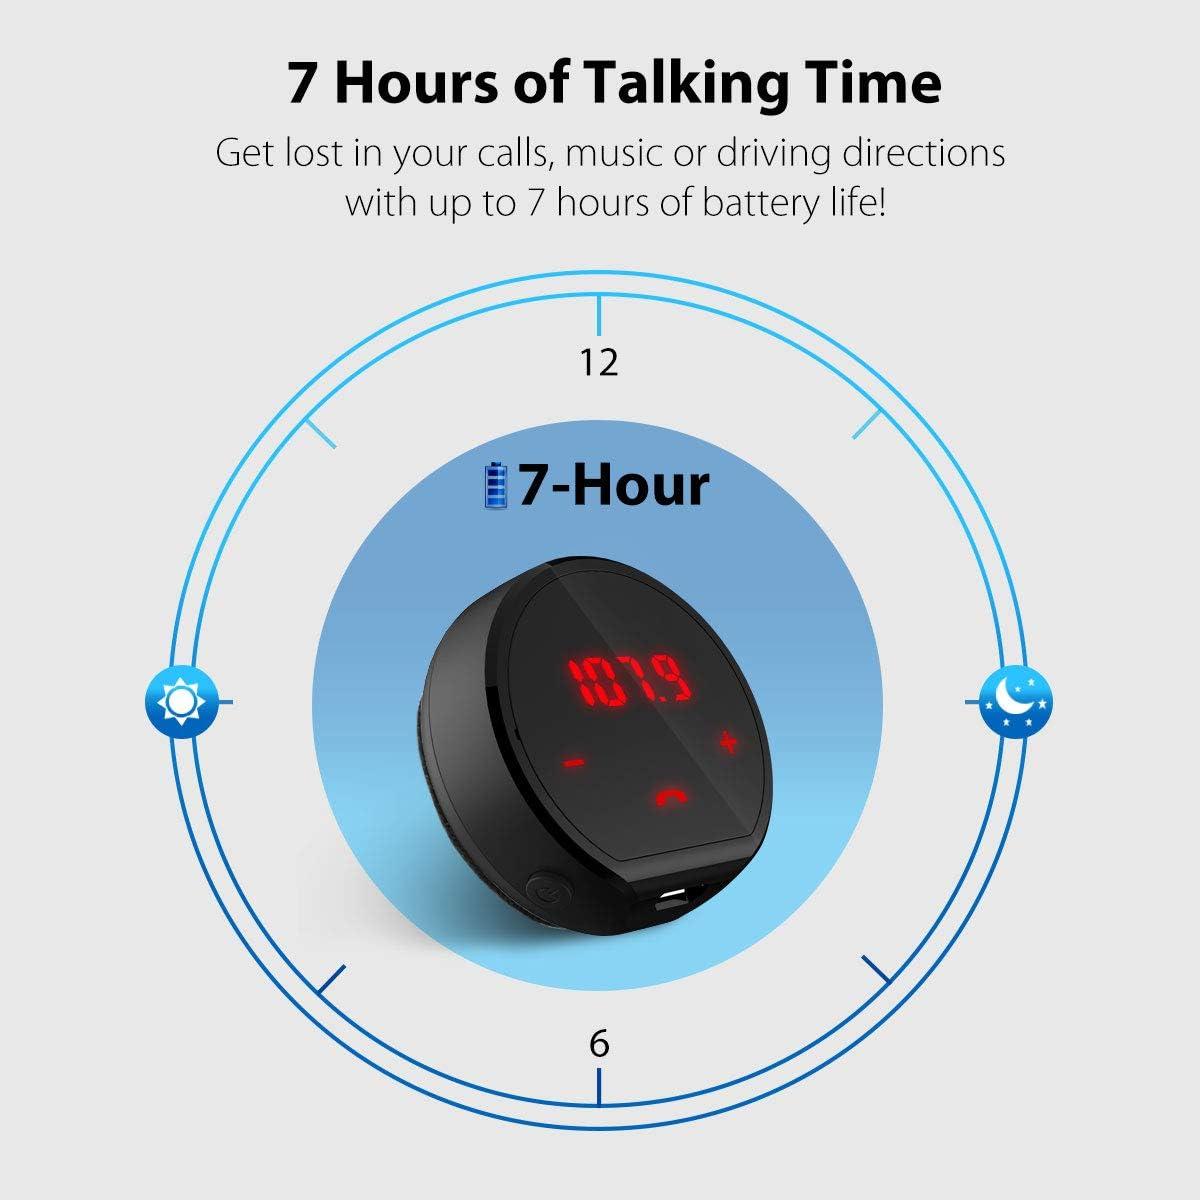 Adaptateur Radio sans Fil avec /écran Tactile Autonomie 7h Kit Mains Libres Voiture pour la Musique Appels GPS dun T/él/éphone vers Un Audio Automobile Avantree Transmetteur Bluetooth FM V4.1 2019